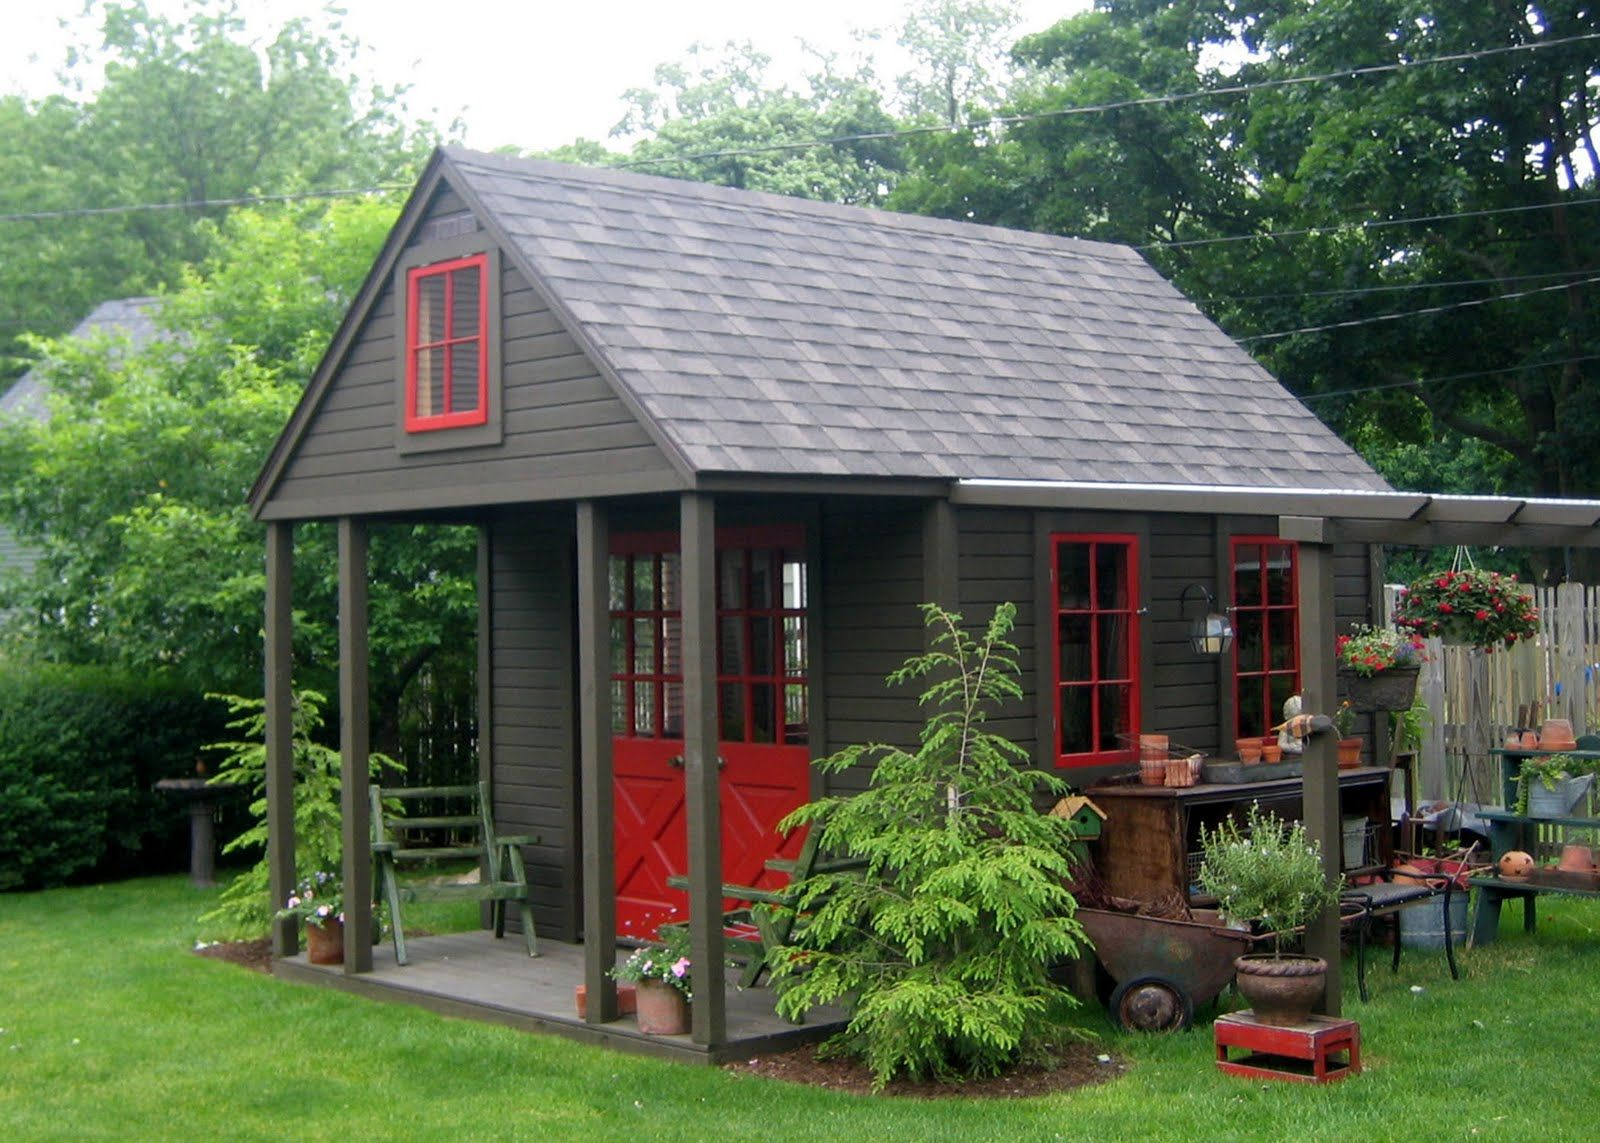 Backyard Retreats   ... Home and Garden Club: GARDEN SHEDS, PORCHES ...